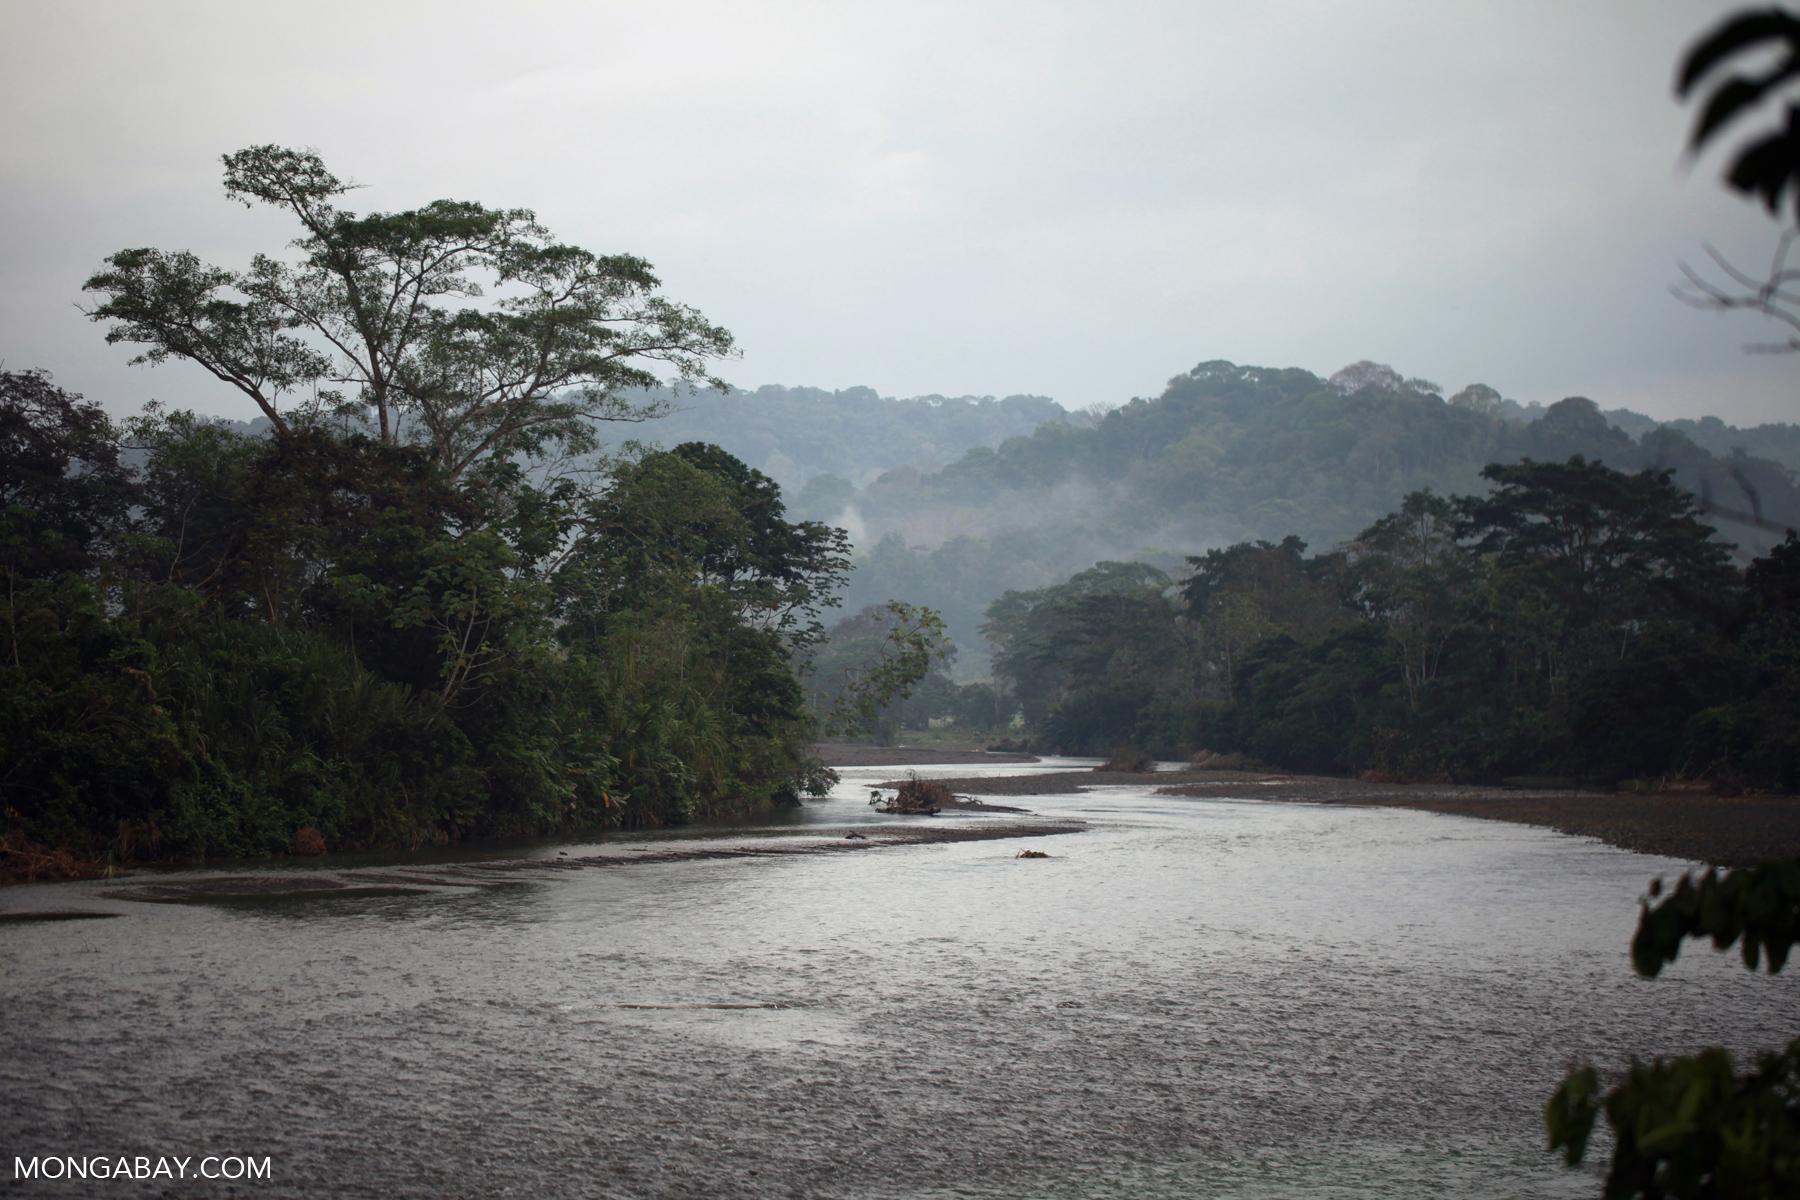 River near Penalosa in Colombia's Choco region. Photo by Rhett A. Butler.